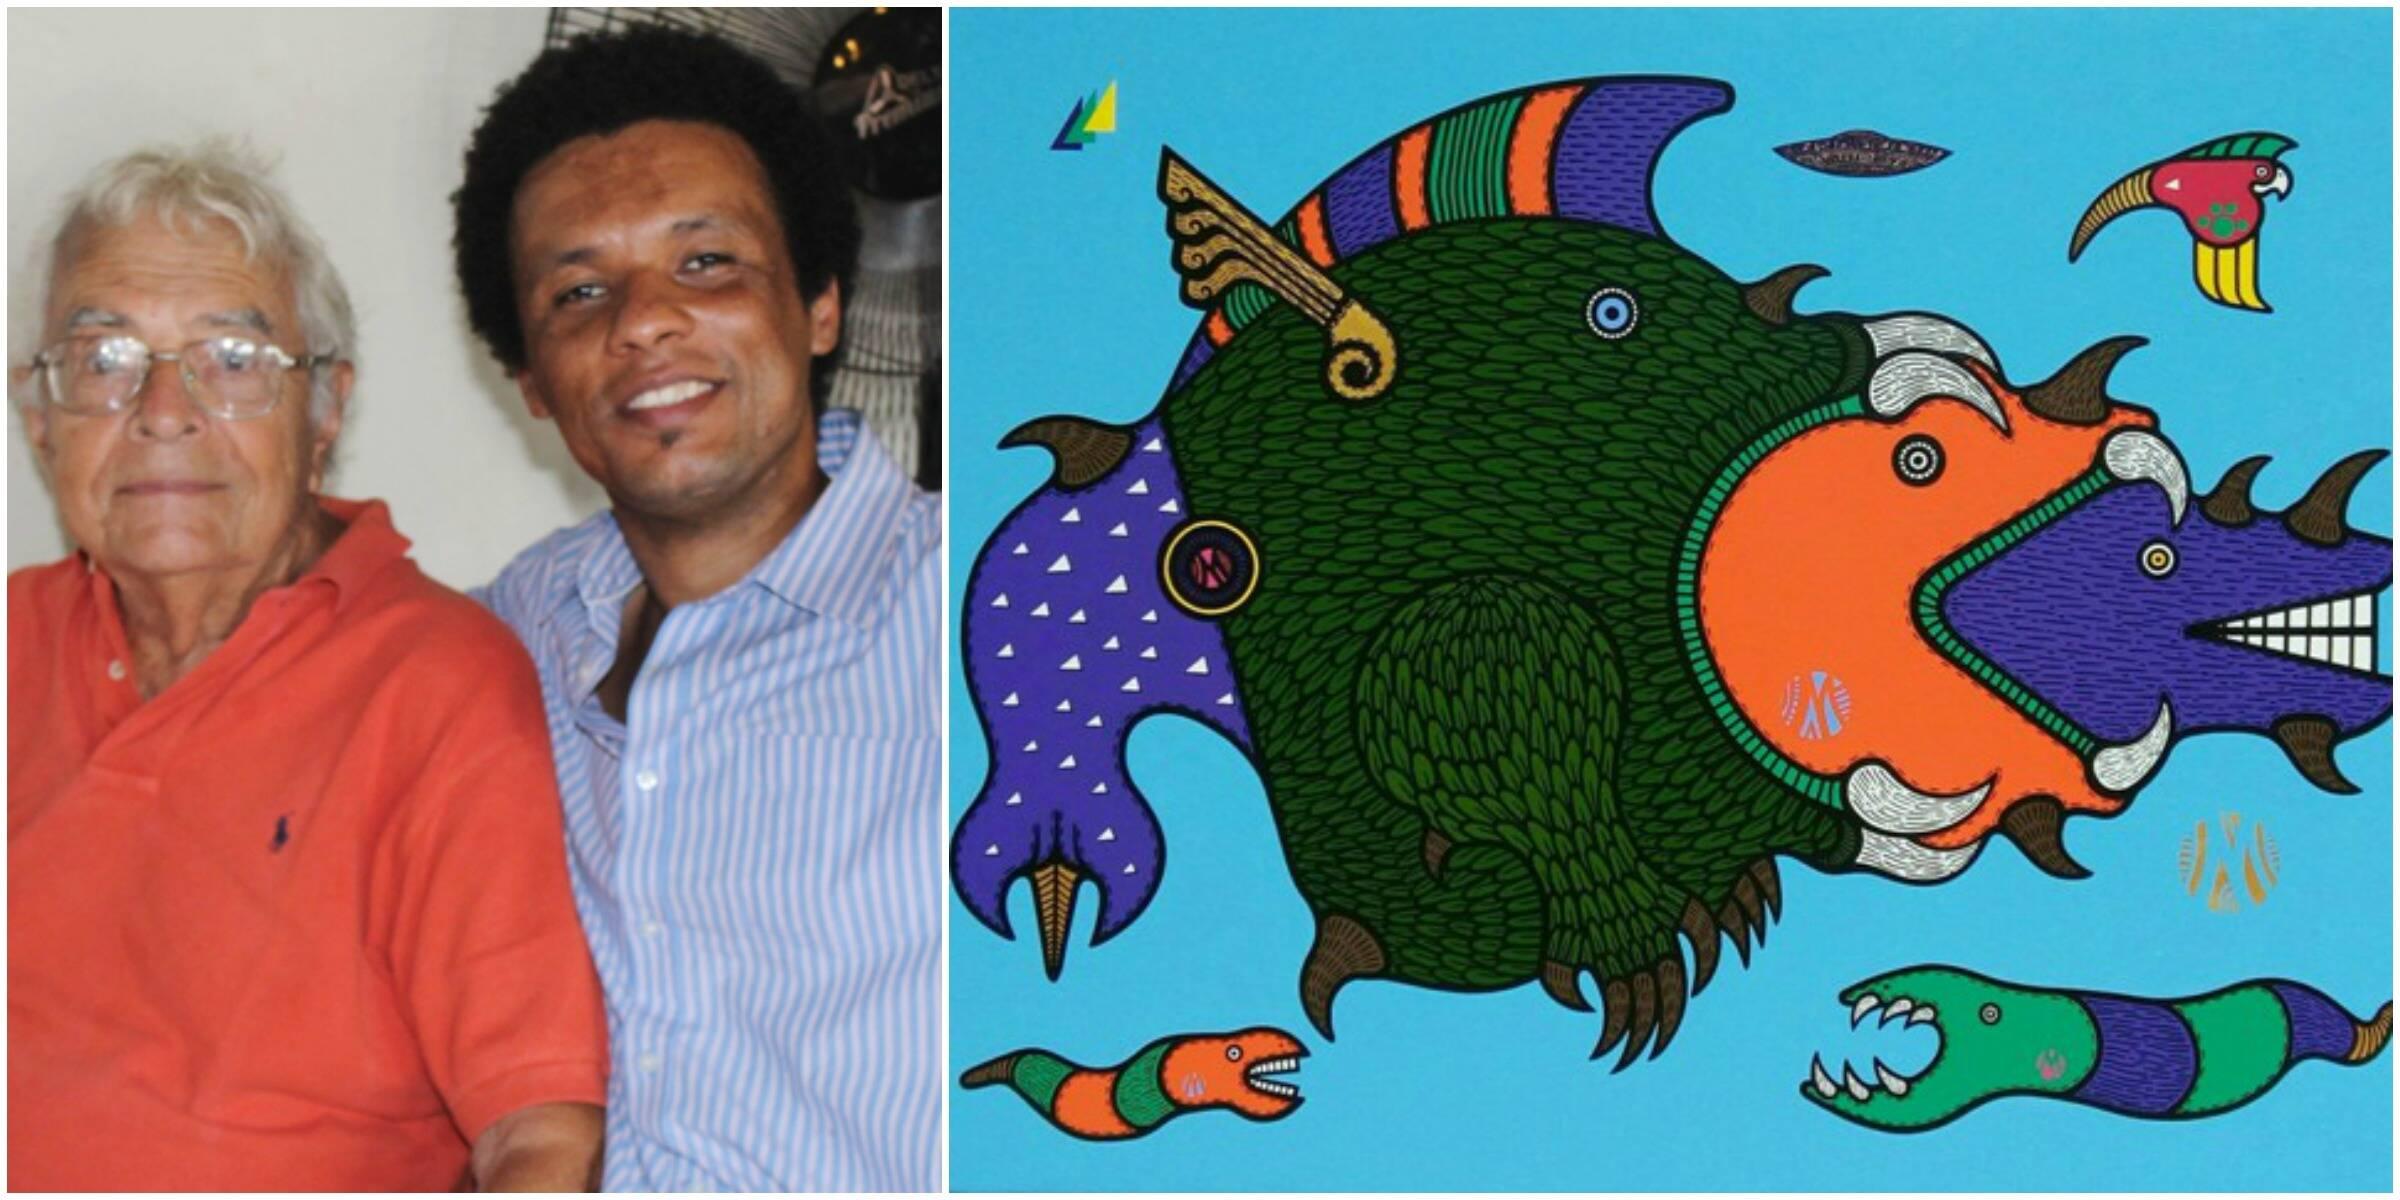 O colecionador Gilberto Chateaubriand e o artista plástico Marcos de Oliveira; ao lado, um dos quadros do baiano / Fotos: divulgação